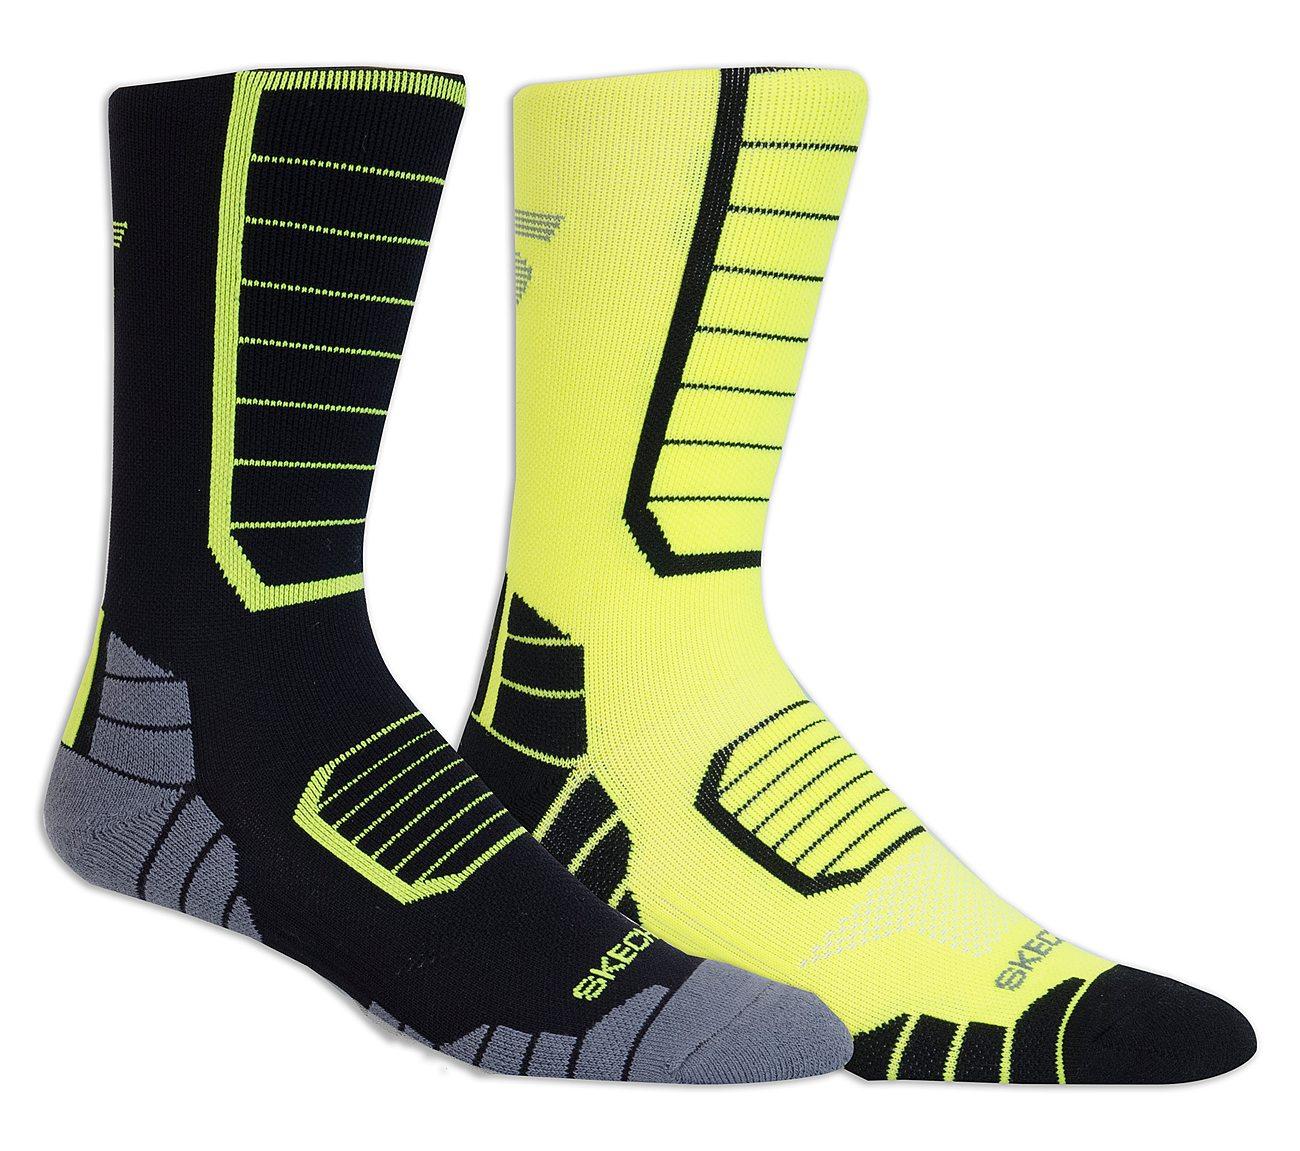 2 Pack Technical Sport Crew Socks